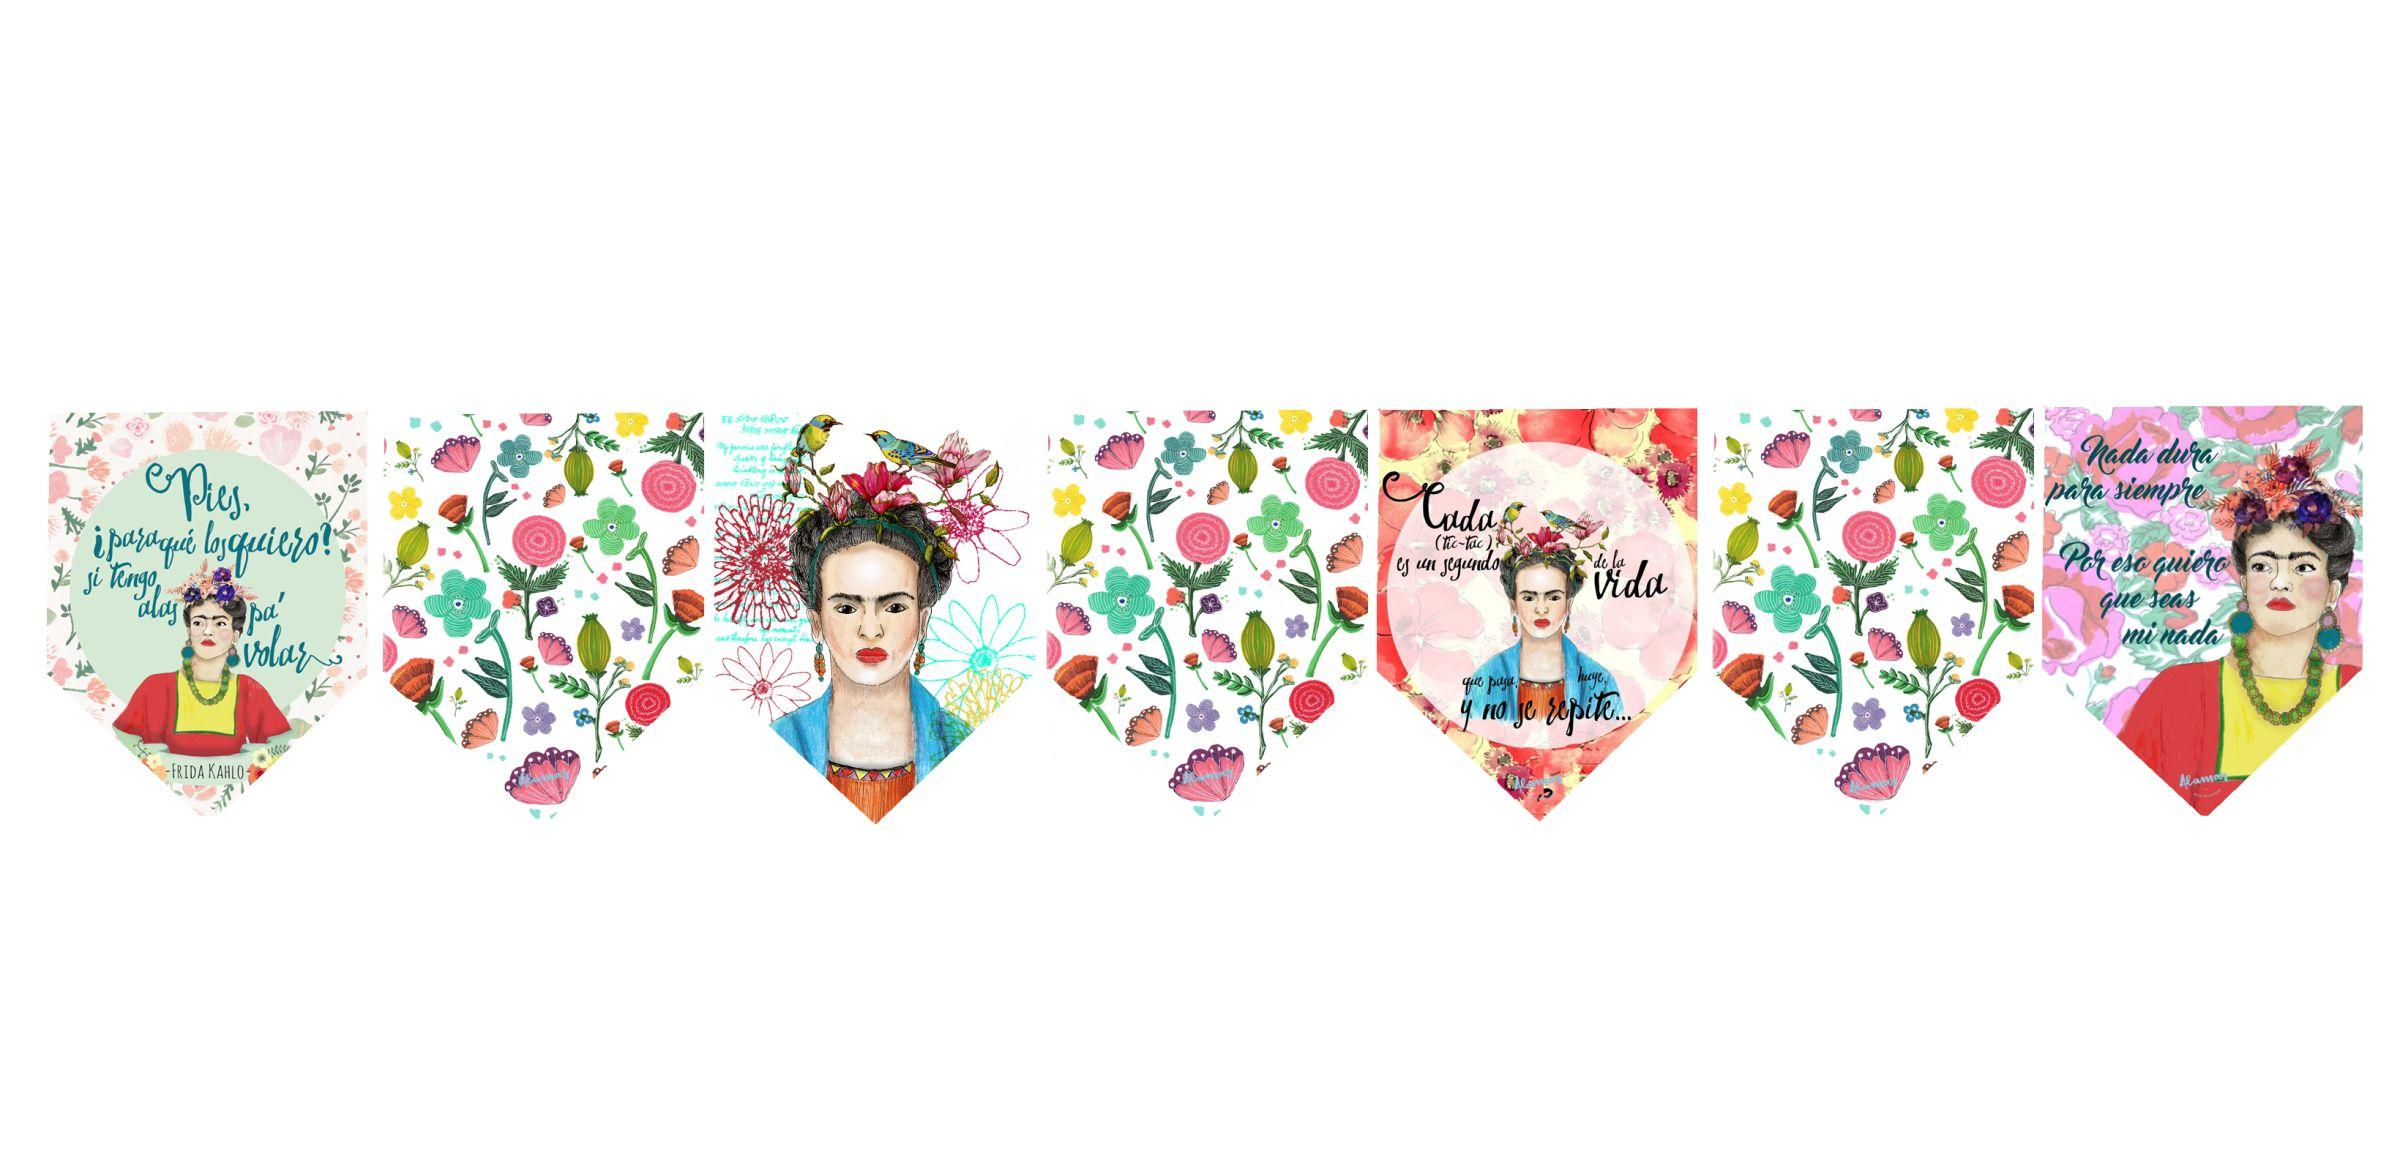 Banderin Grande Frida Kahlo - Alamar